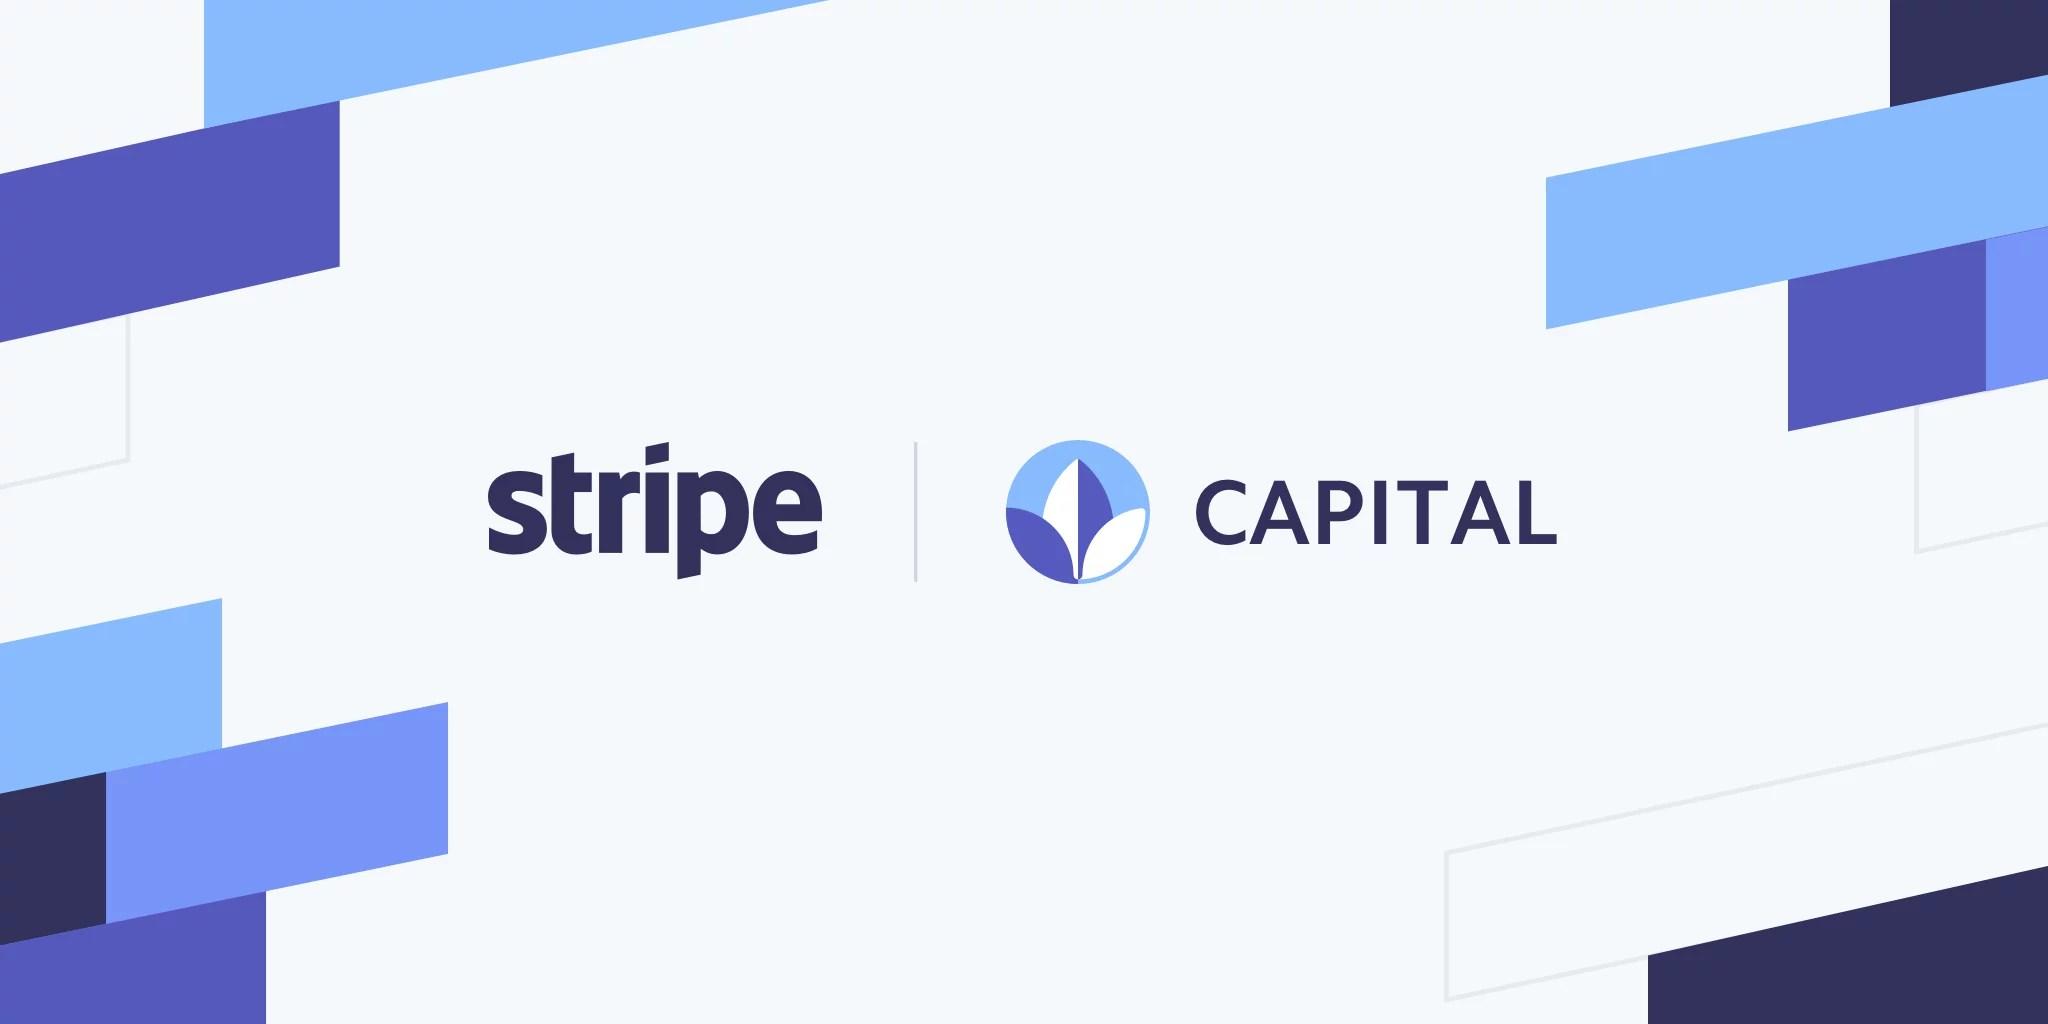 Stripe lanza servicio de préstamos para empresas en línea